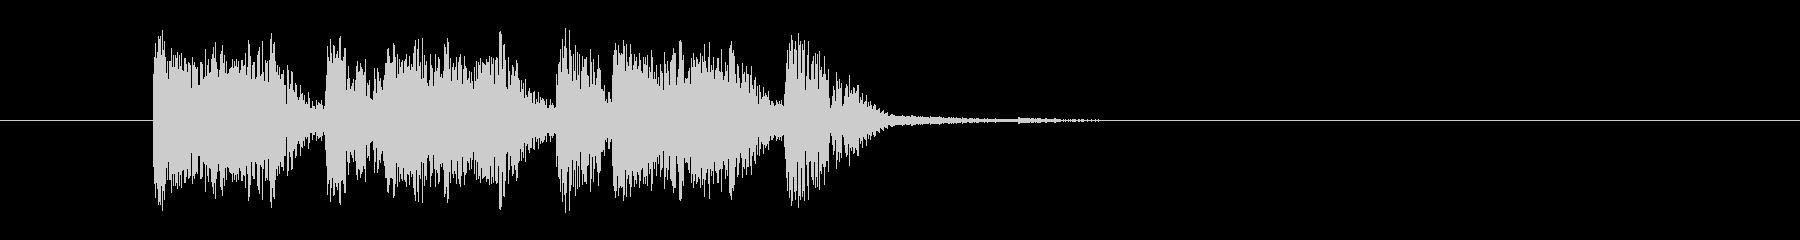 激しく勢いあるギターによるハードロックの未再生の波形